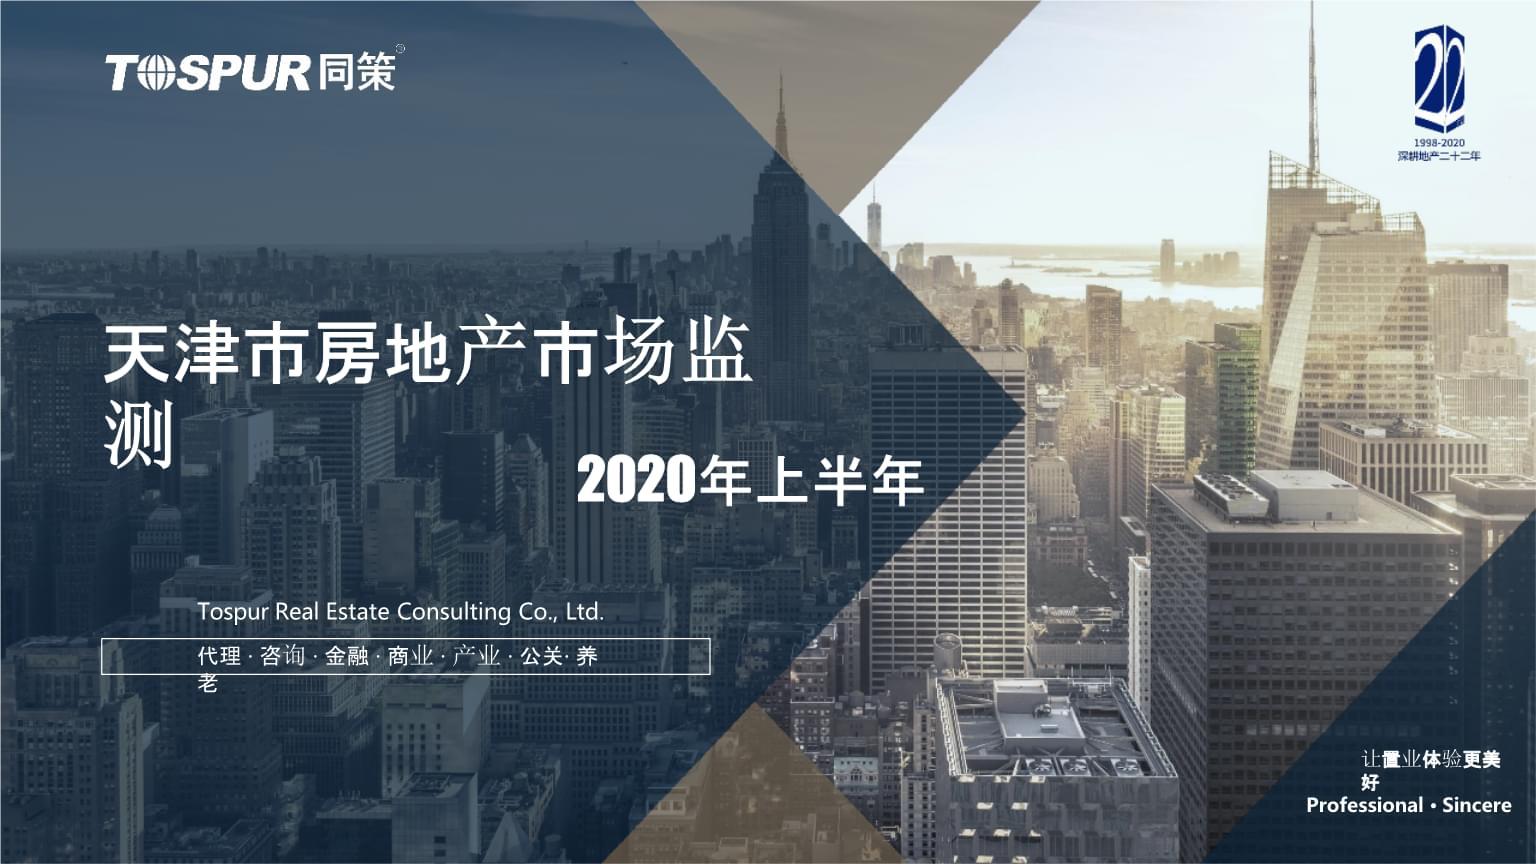 【房地产上半年报】房地产市场报告-同策房地产市场监测(2020年上半年)20200721.pptx